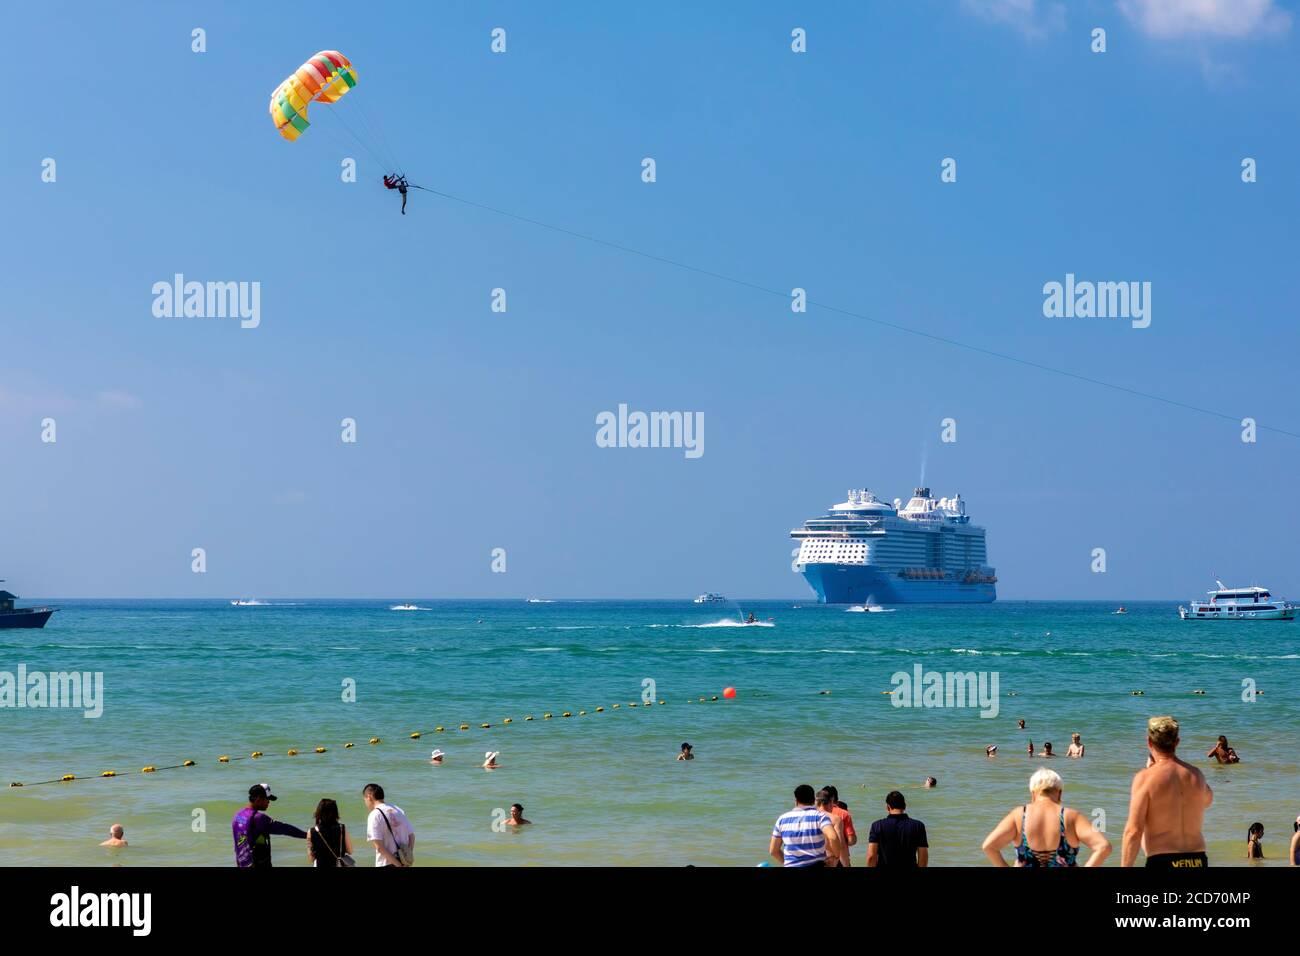 Touristes et parapente sur la plage à Patong, Phuket, Thaïlande Banque D'Images